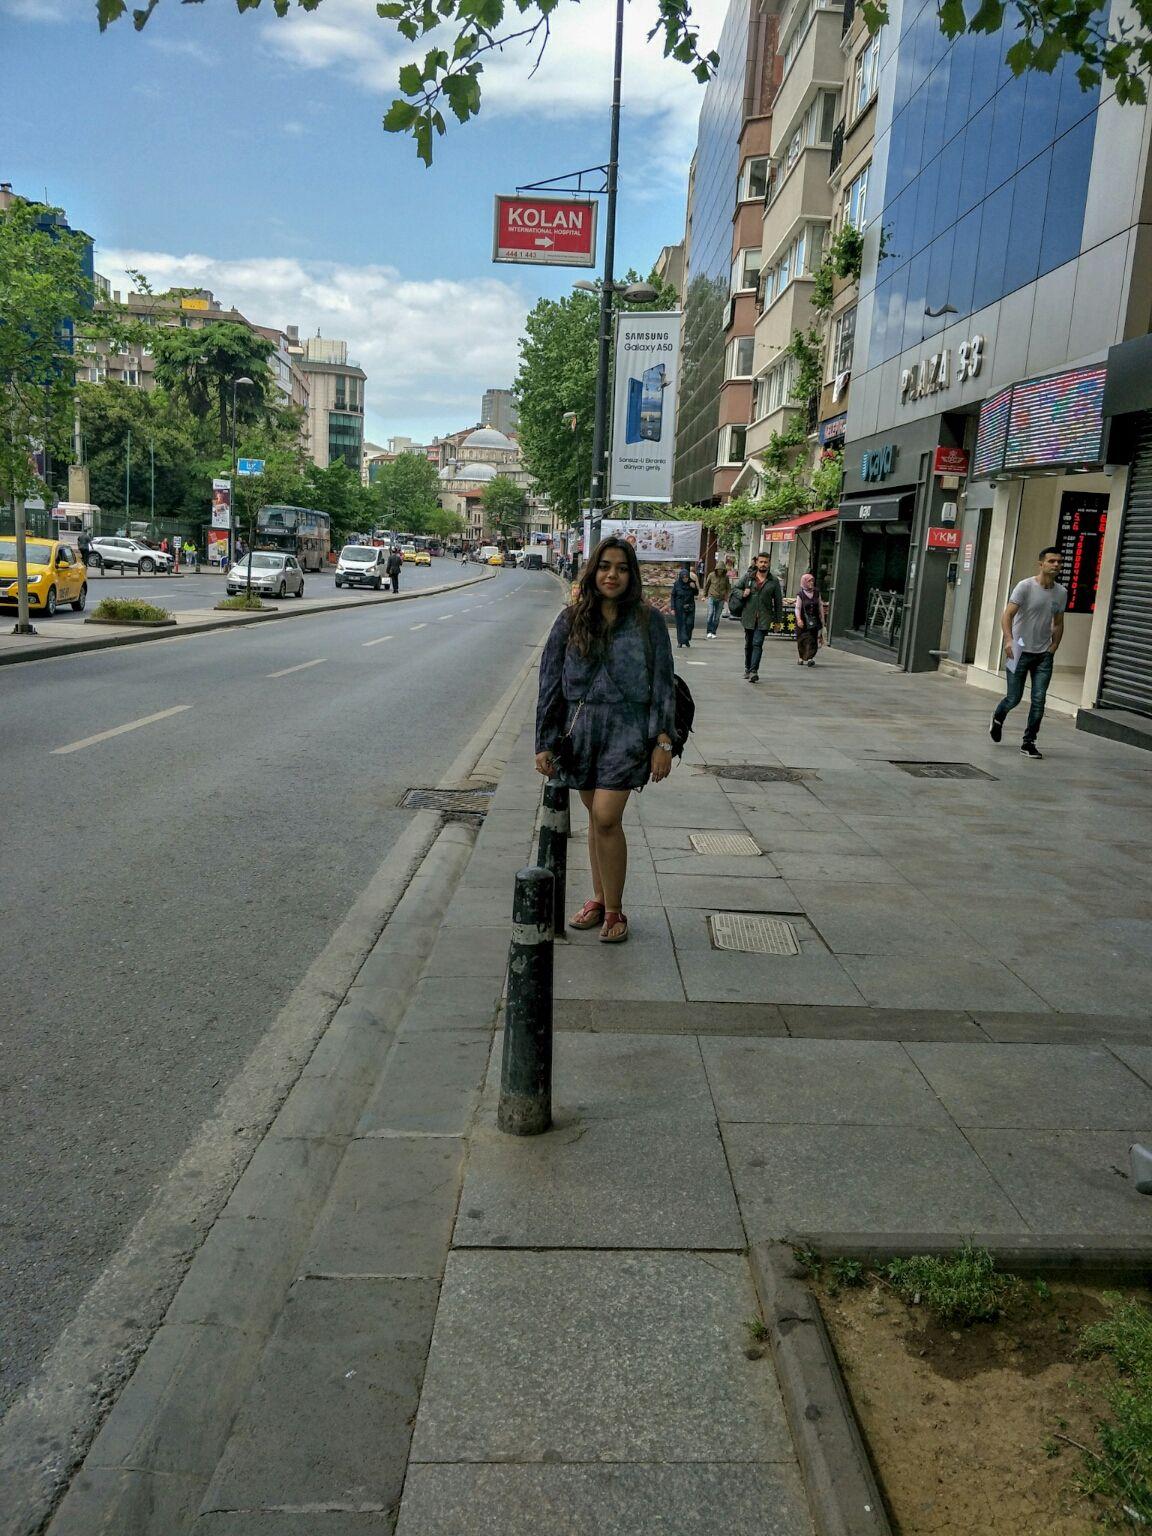 Photo of İstanbul By Vishakha Bhela